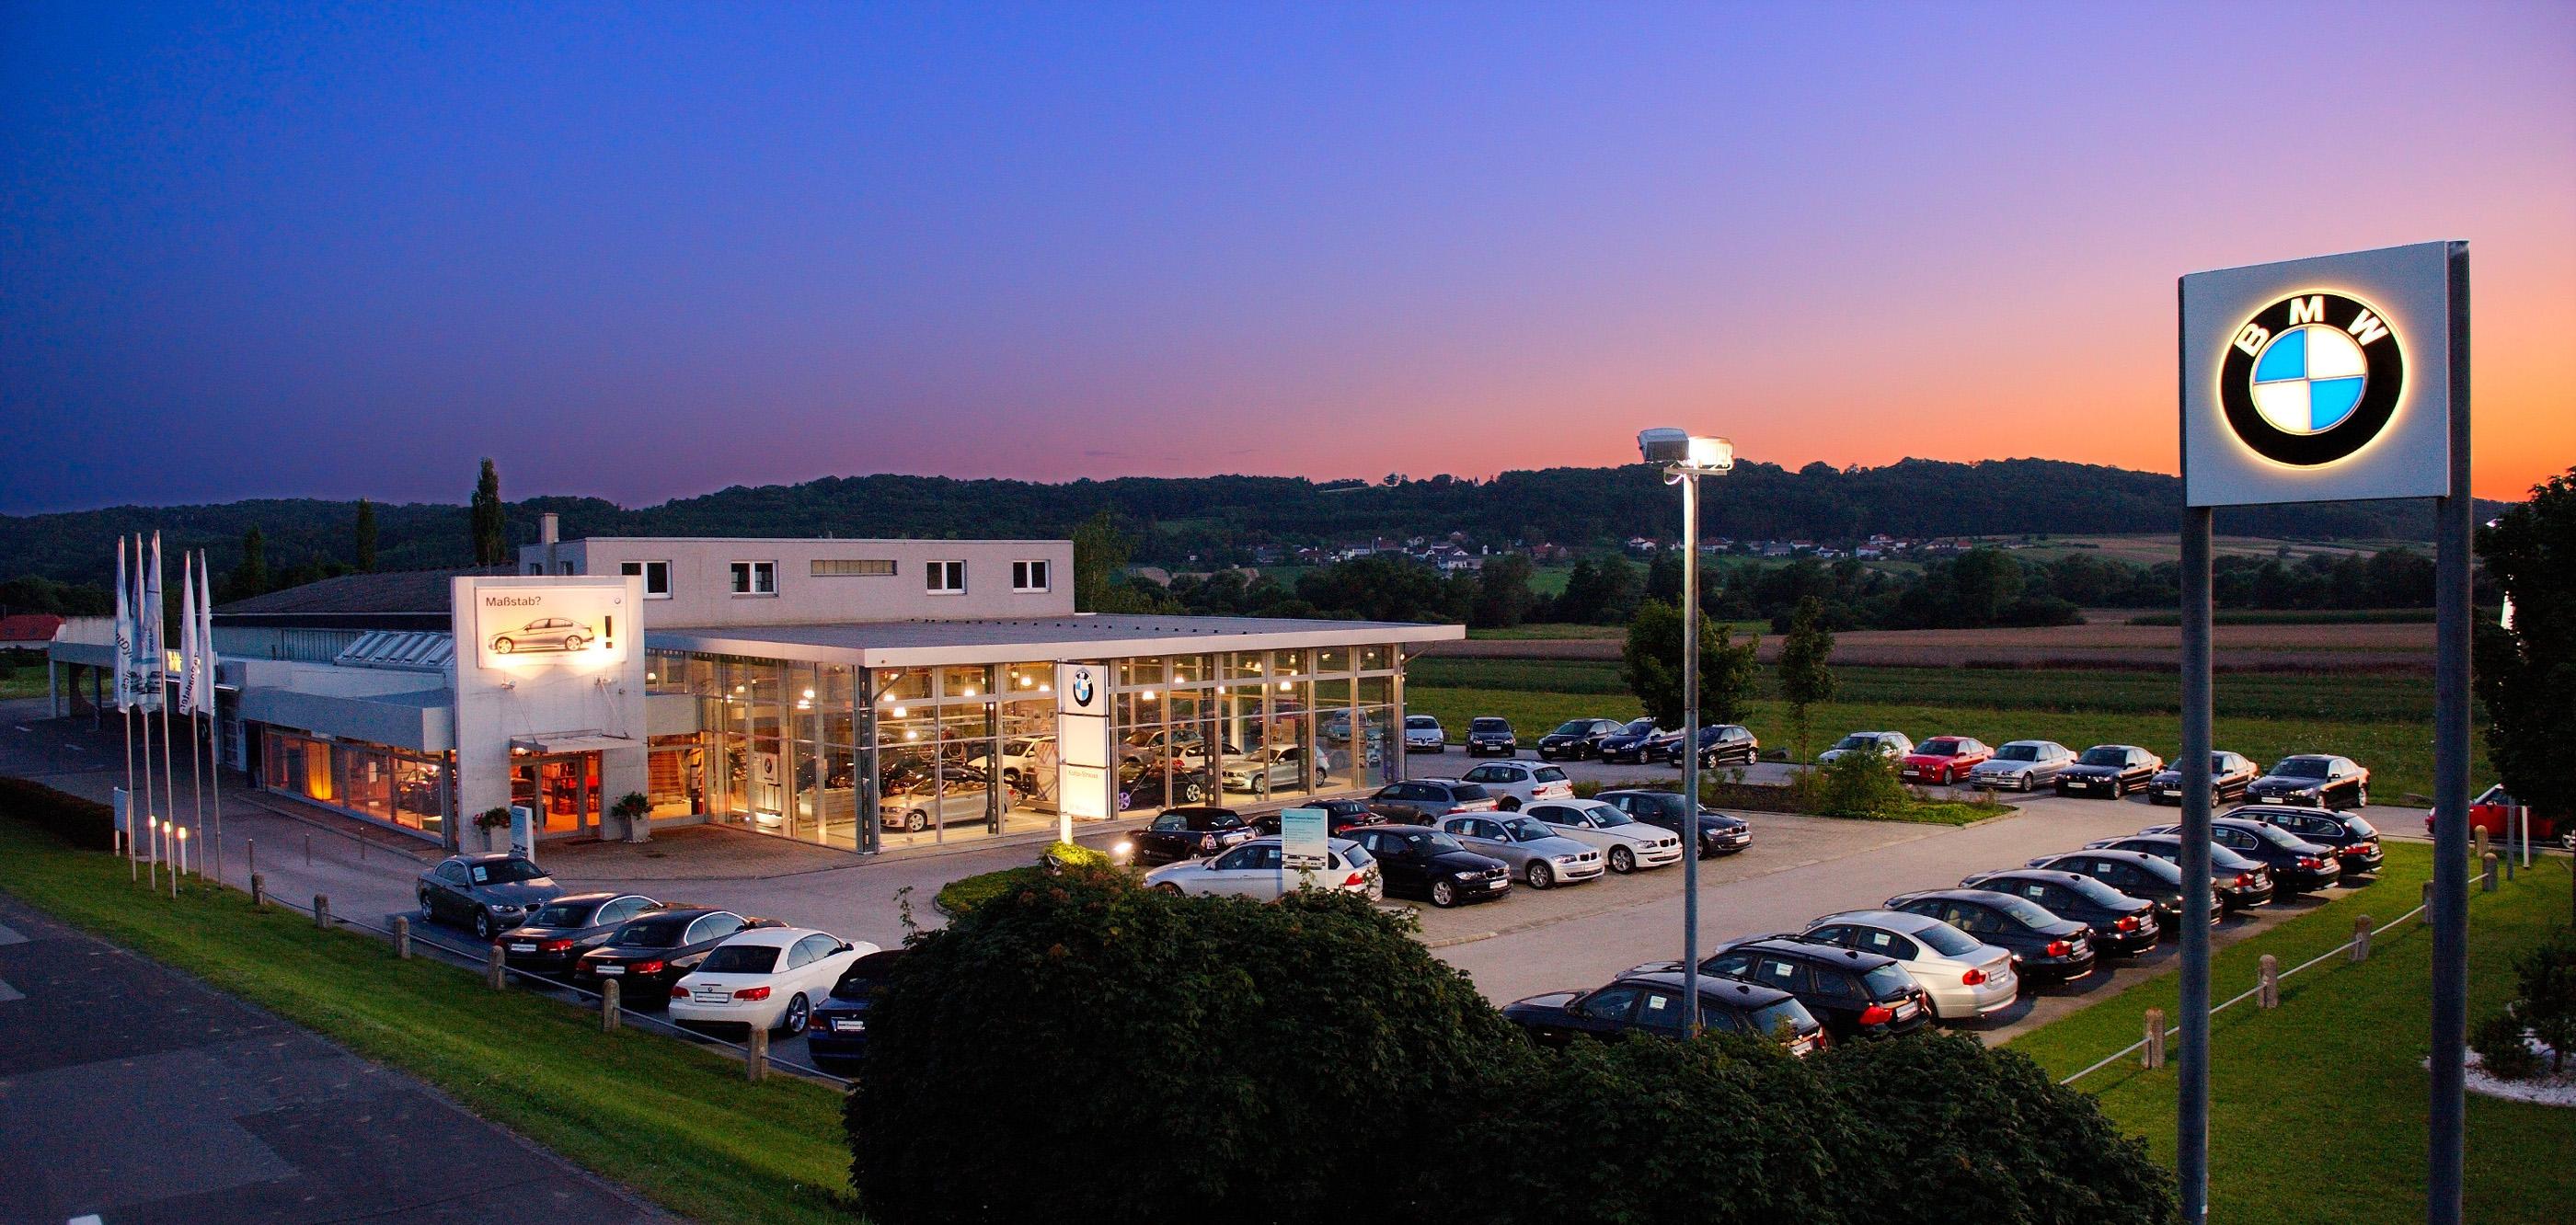 Das Autohaus Kohla-Strauss in St. Michael, Österreich, konnte seine Energiekosten durch den Umstieg von Öl auf Ochsner Wärmepumpen auf ein Viertel senken. (Foto: Ochsner Wärmepumpen GmbH / Kohla-Strauss)